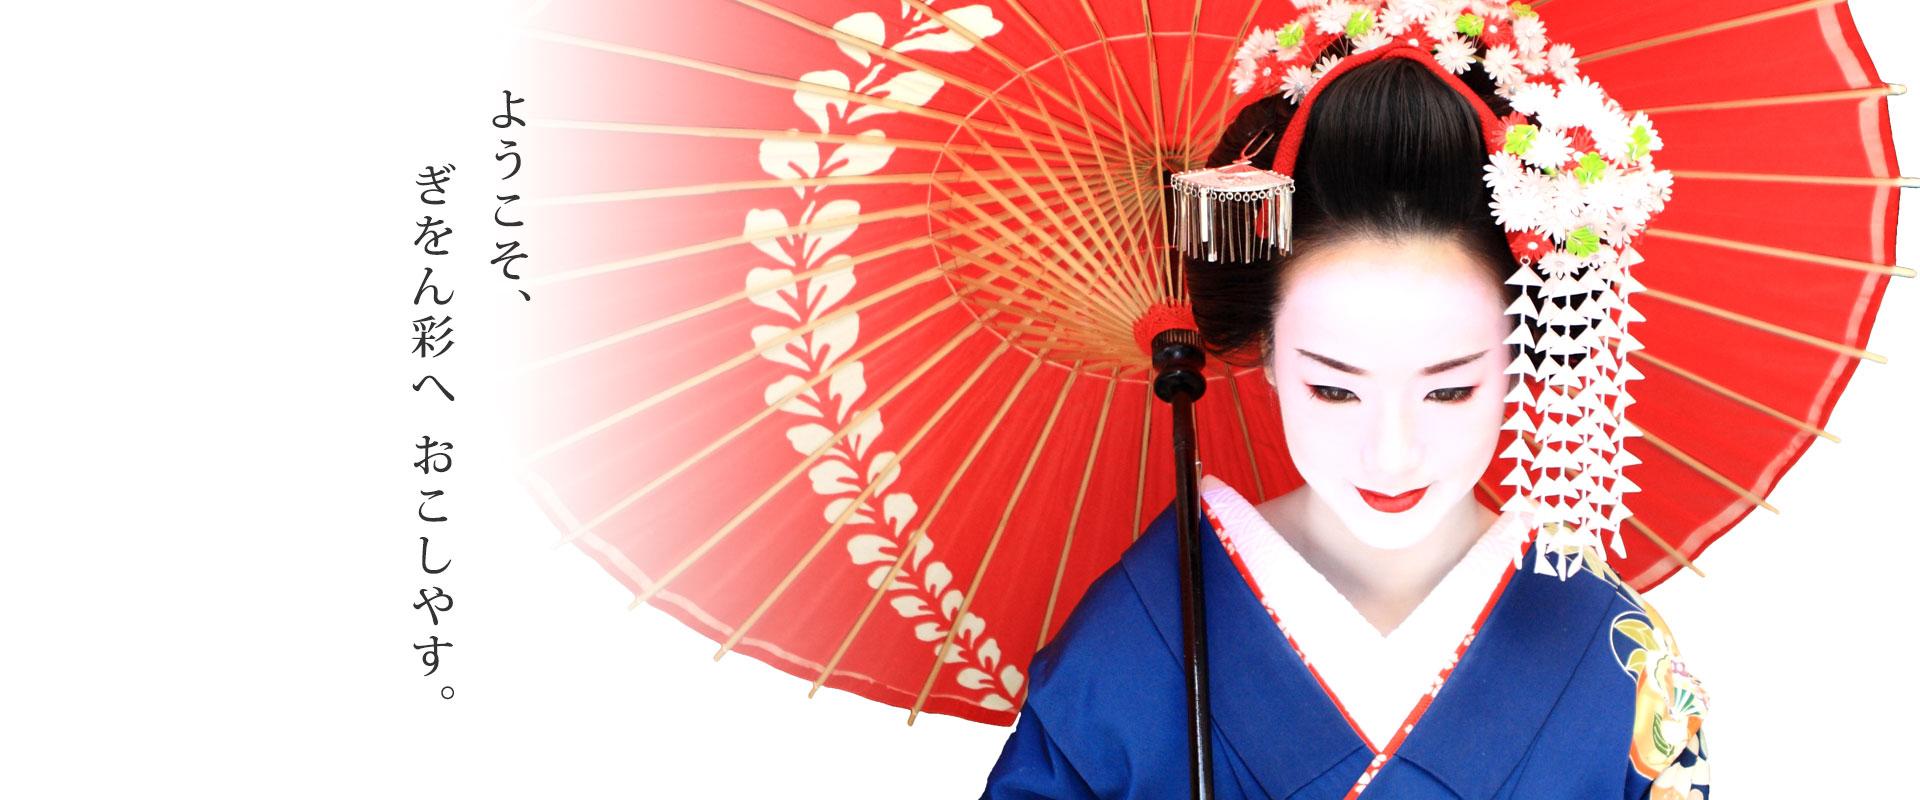 京都の舞妓体験・舞妓変身はぎをん彩